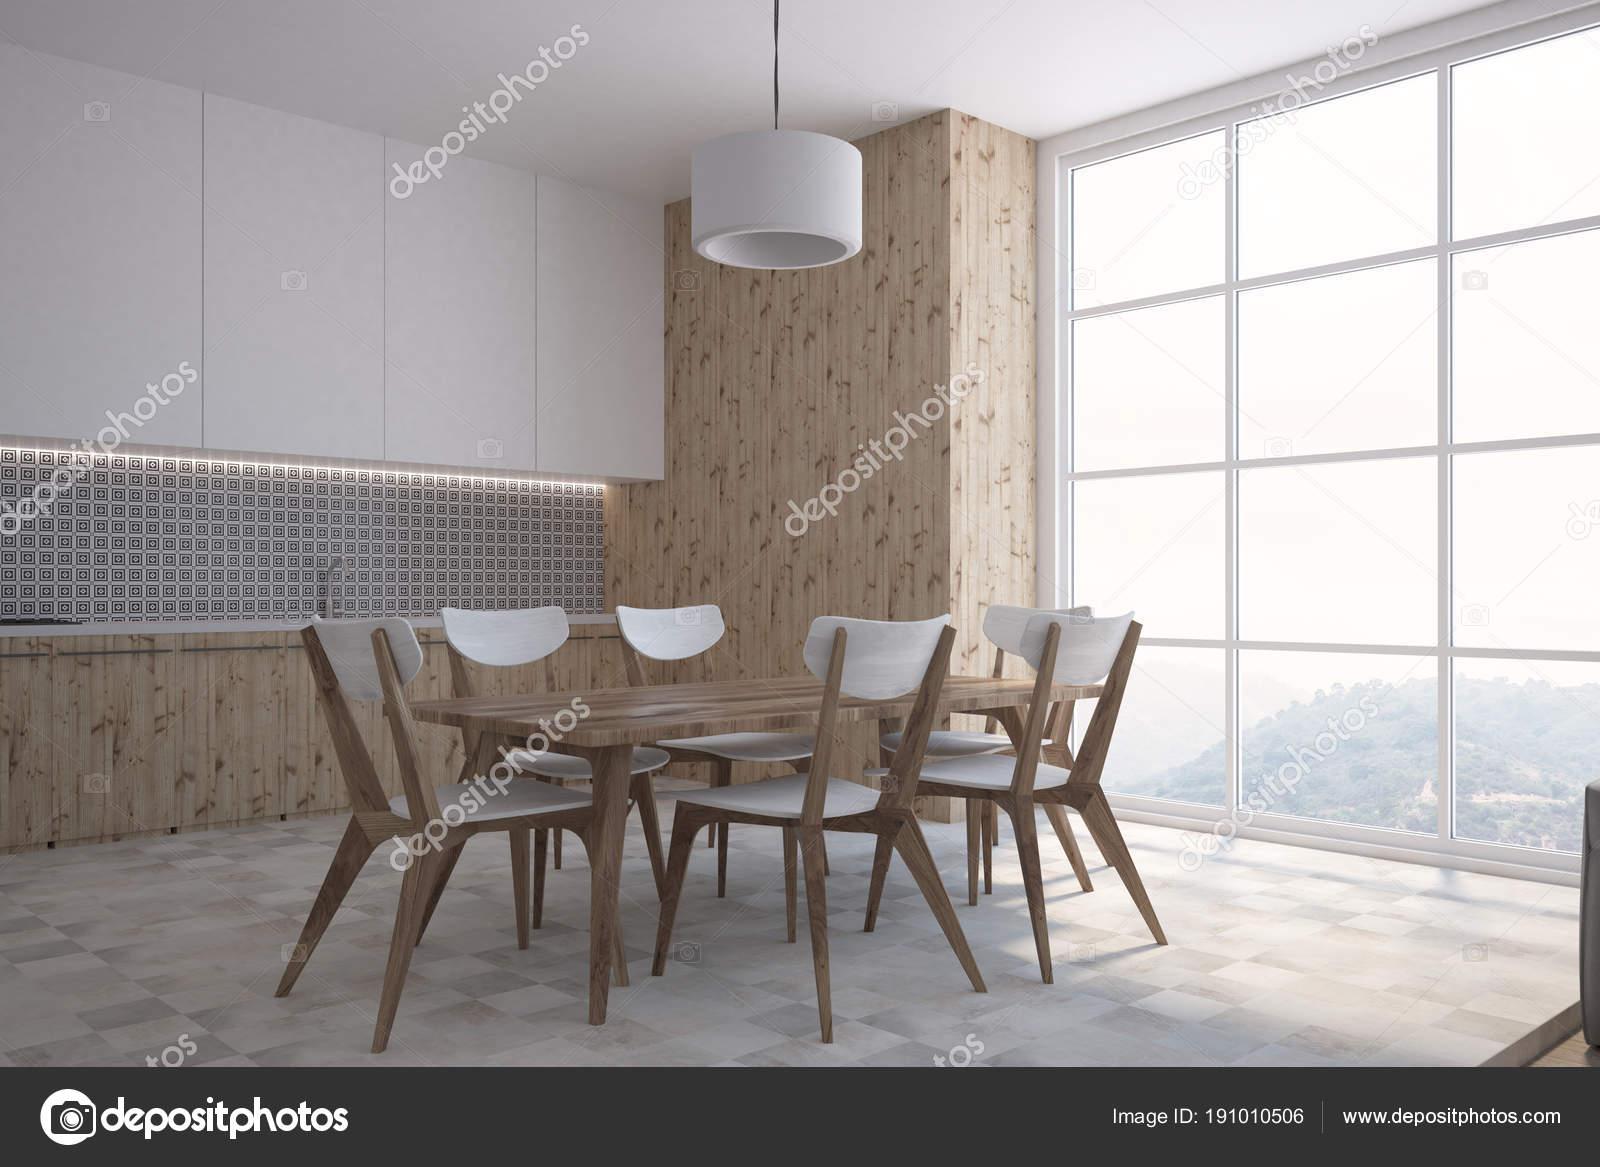 Graue Wand Muster Küche Esszimmer Seitenansicht — Stockfoto ...